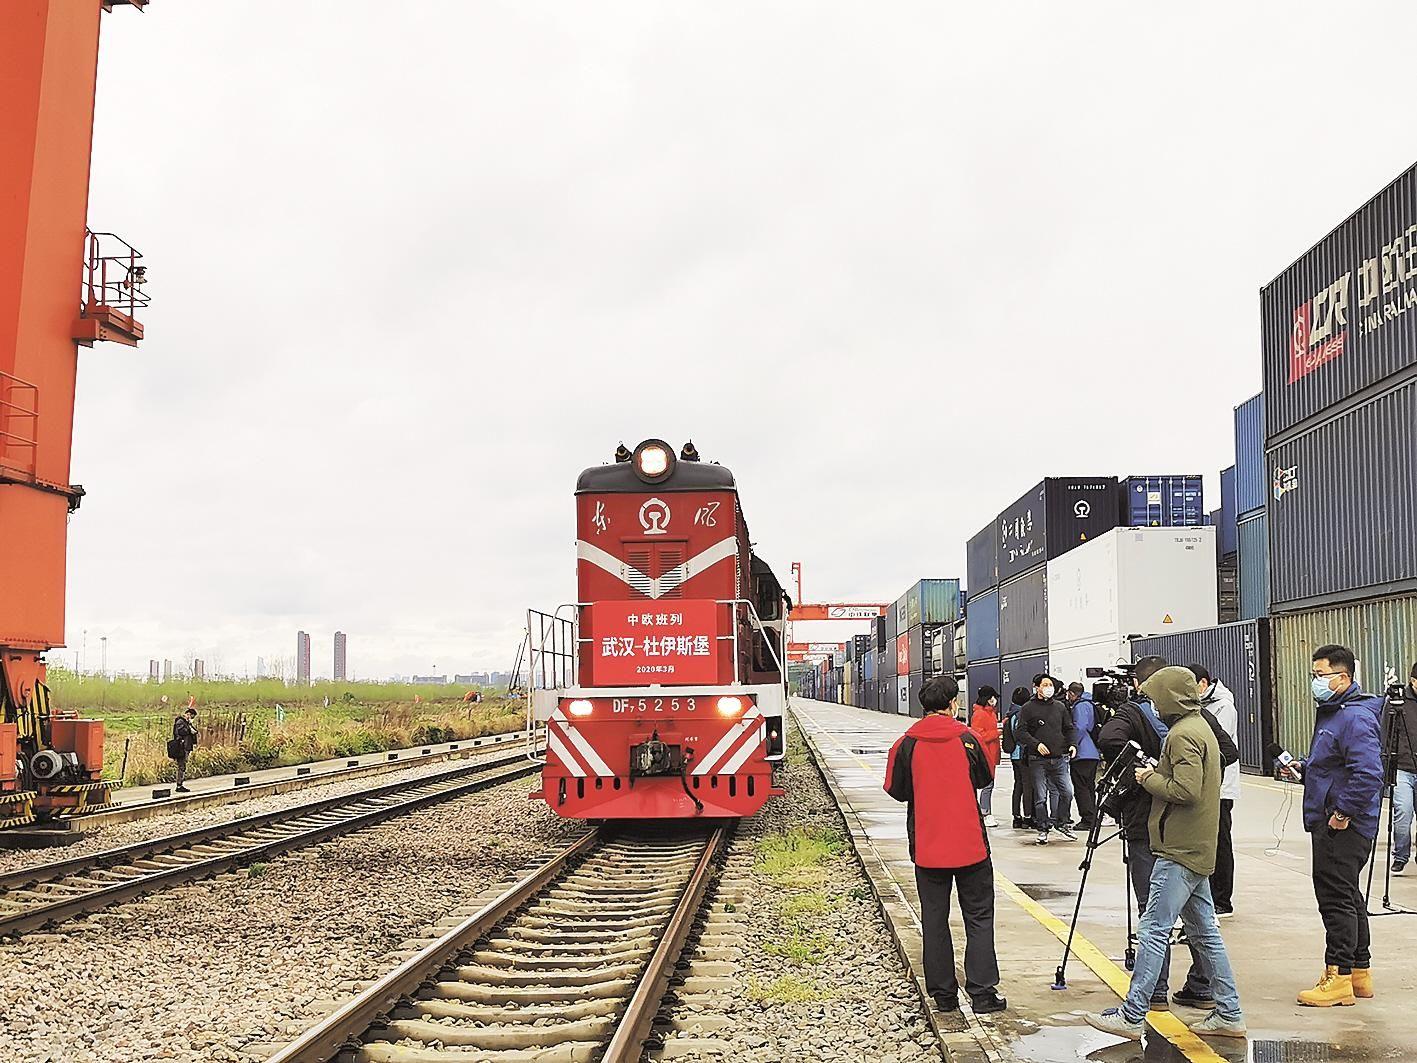 武汉海关复关四十一载   湖北对外贸易值增长超千倍